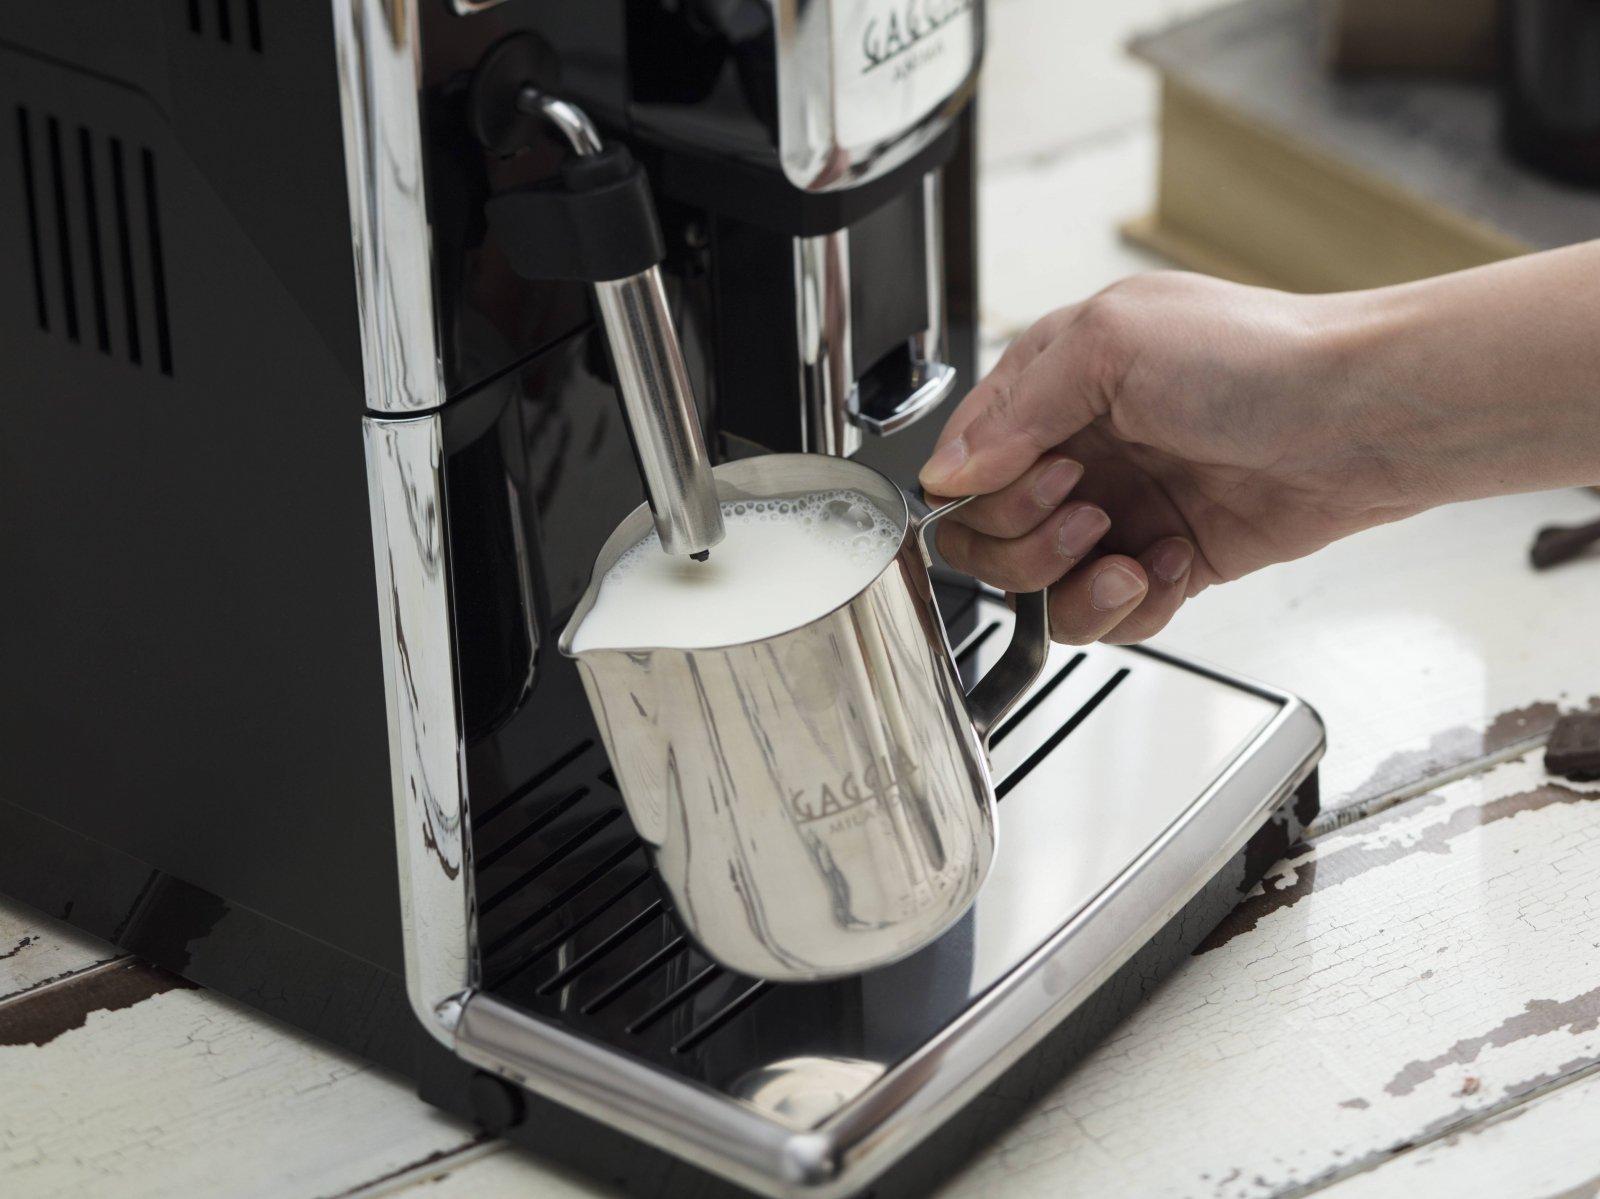 GAGGIA ガジア 全自動コーヒーマシン Anima BX アニマ ビーエックス